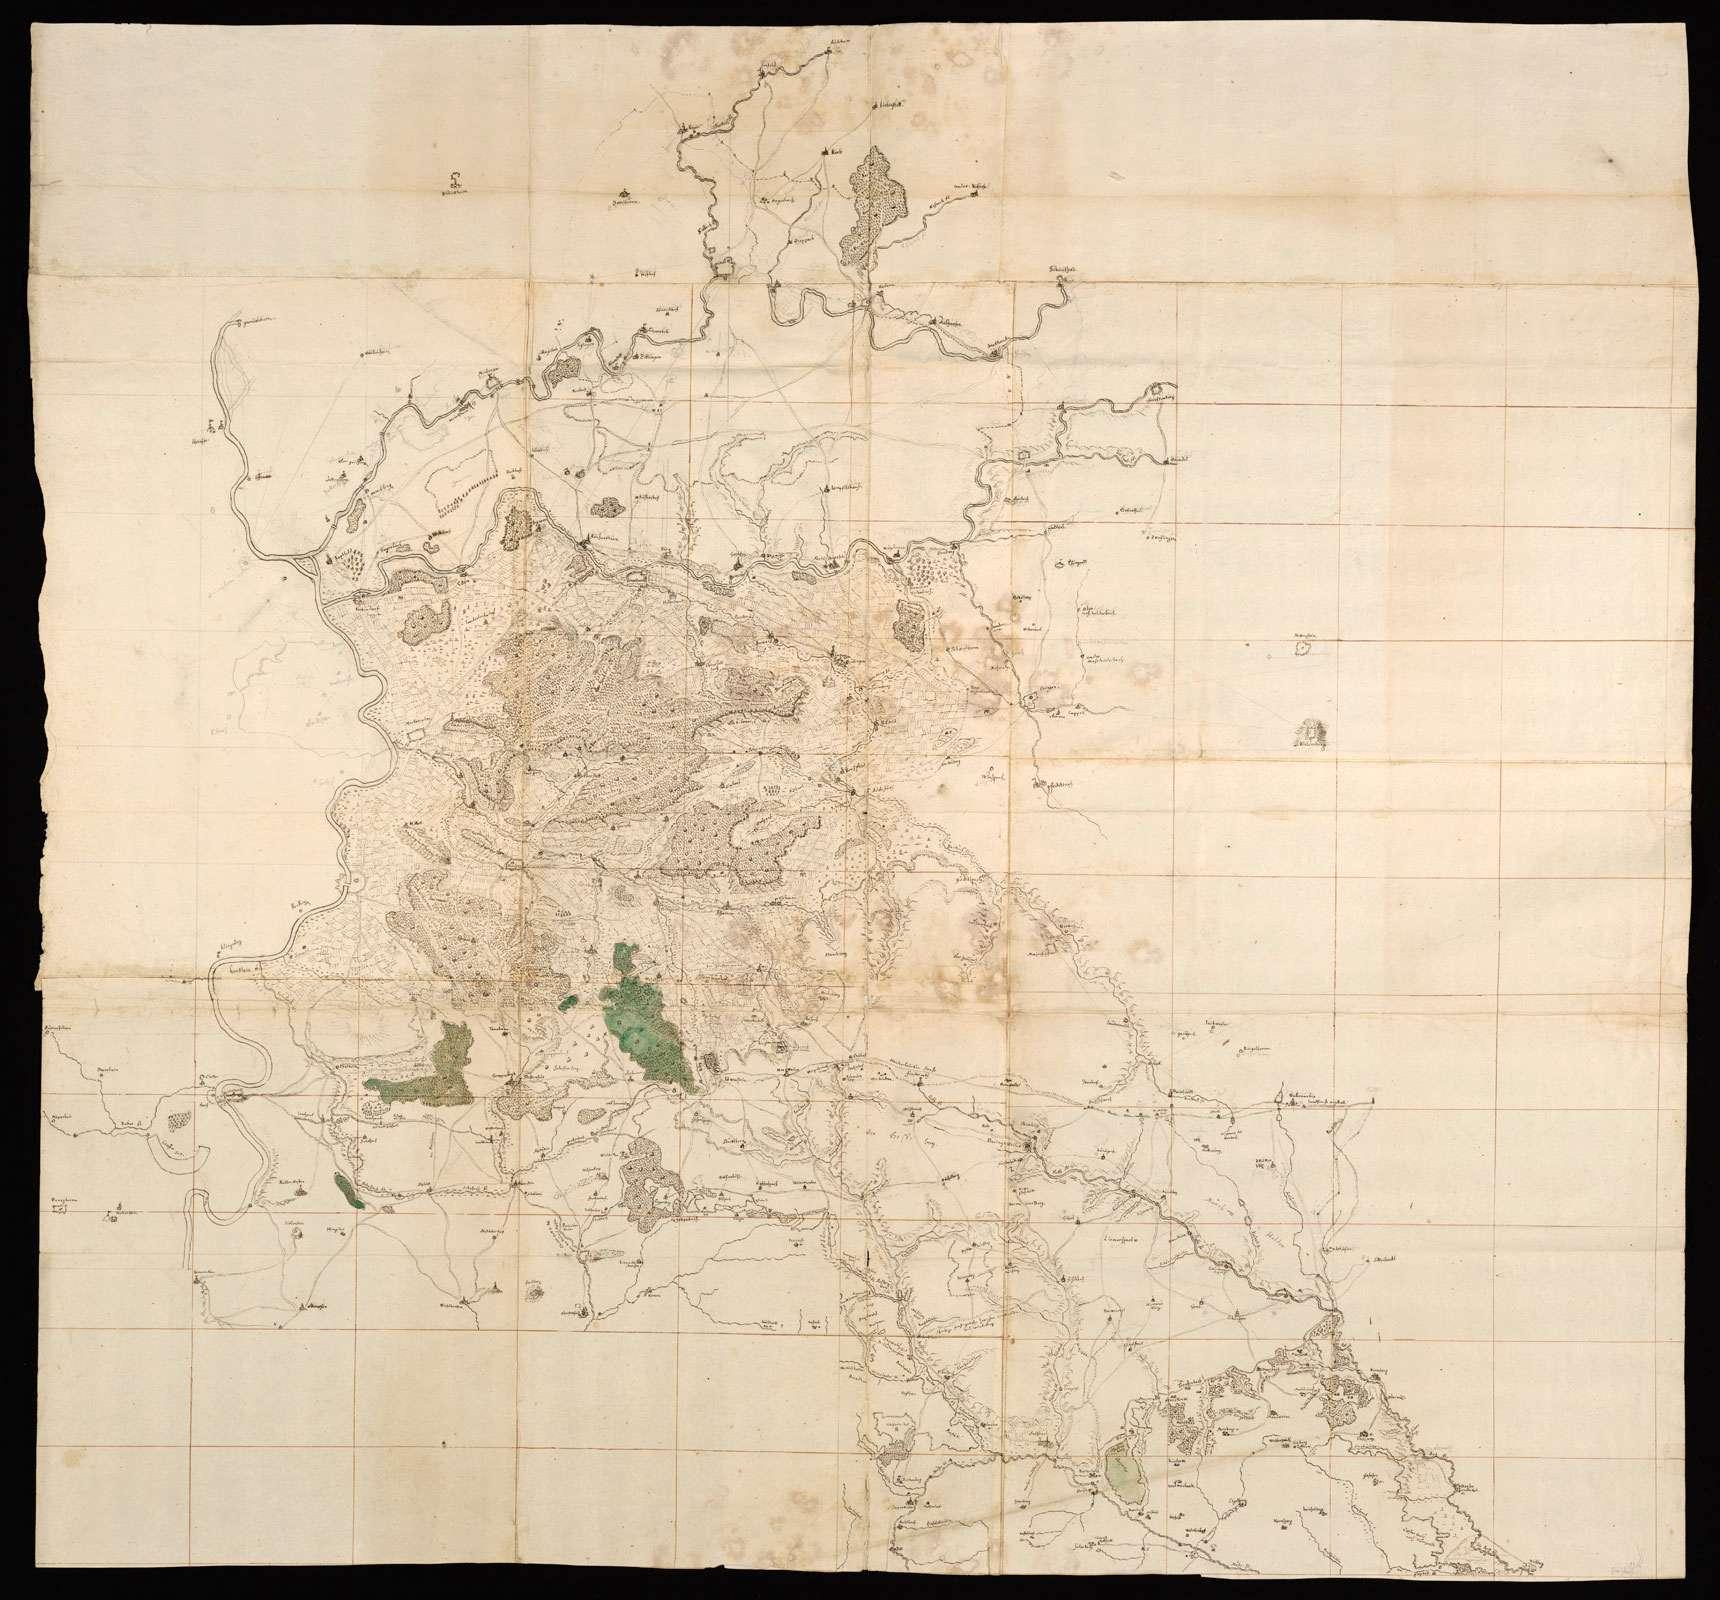 """[Große Karte der Wälder zwischen Neckar, Jagst, Ohrn, Rot und Murr] """"Großer Riß von Lauffen mit Franken"""" [von späterer Hand auf der Rückseite], Bild 1"""